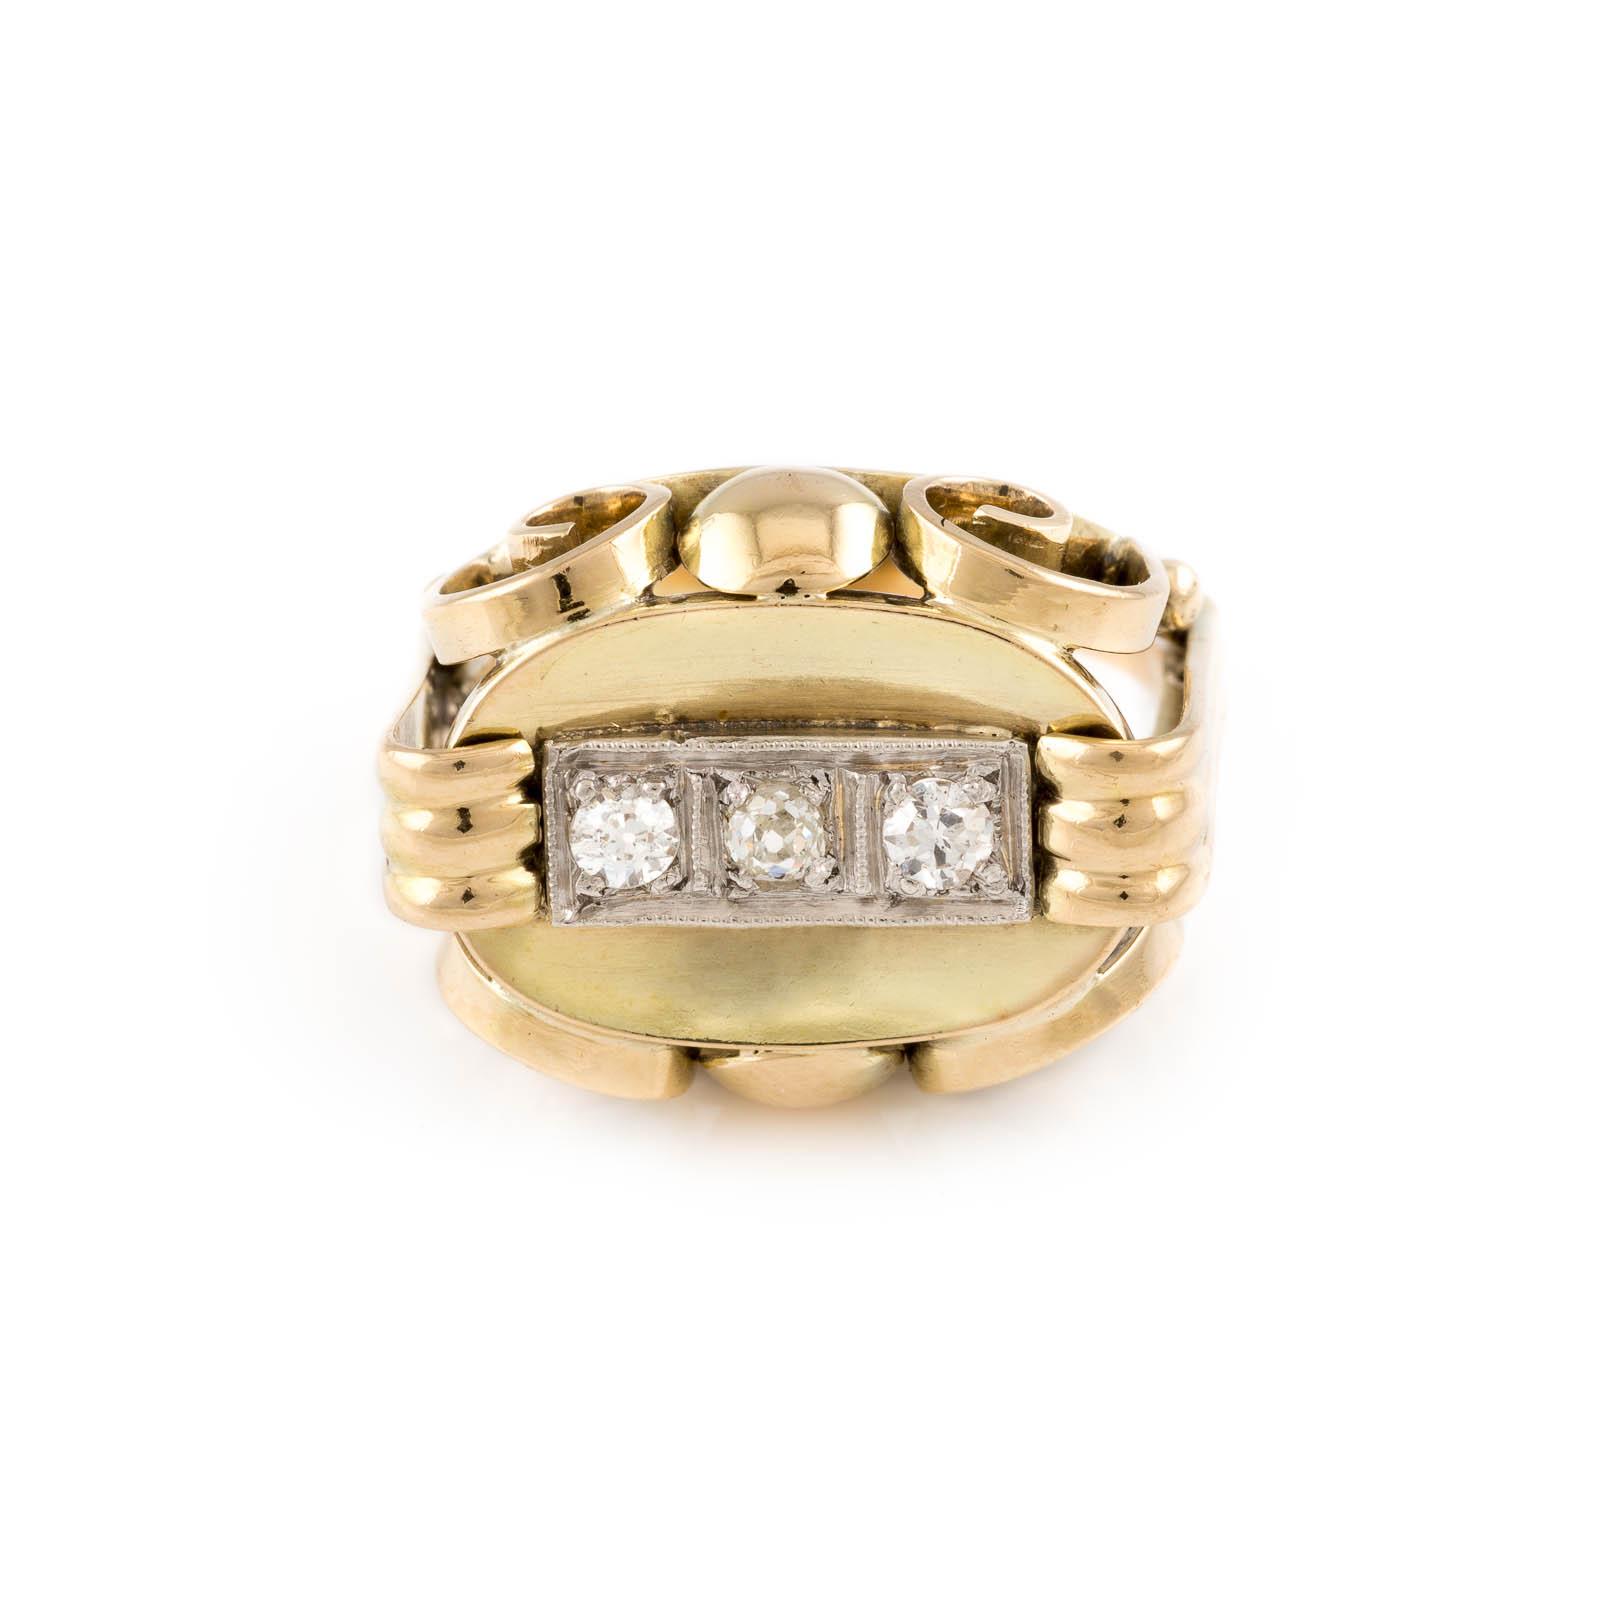 DIAMANT-RING Gelbgold. Ringmaß ca. 55, Ges.-Gew. ca. 6,9 g. Gest. 585. Drei Diamanten im 8/8- und